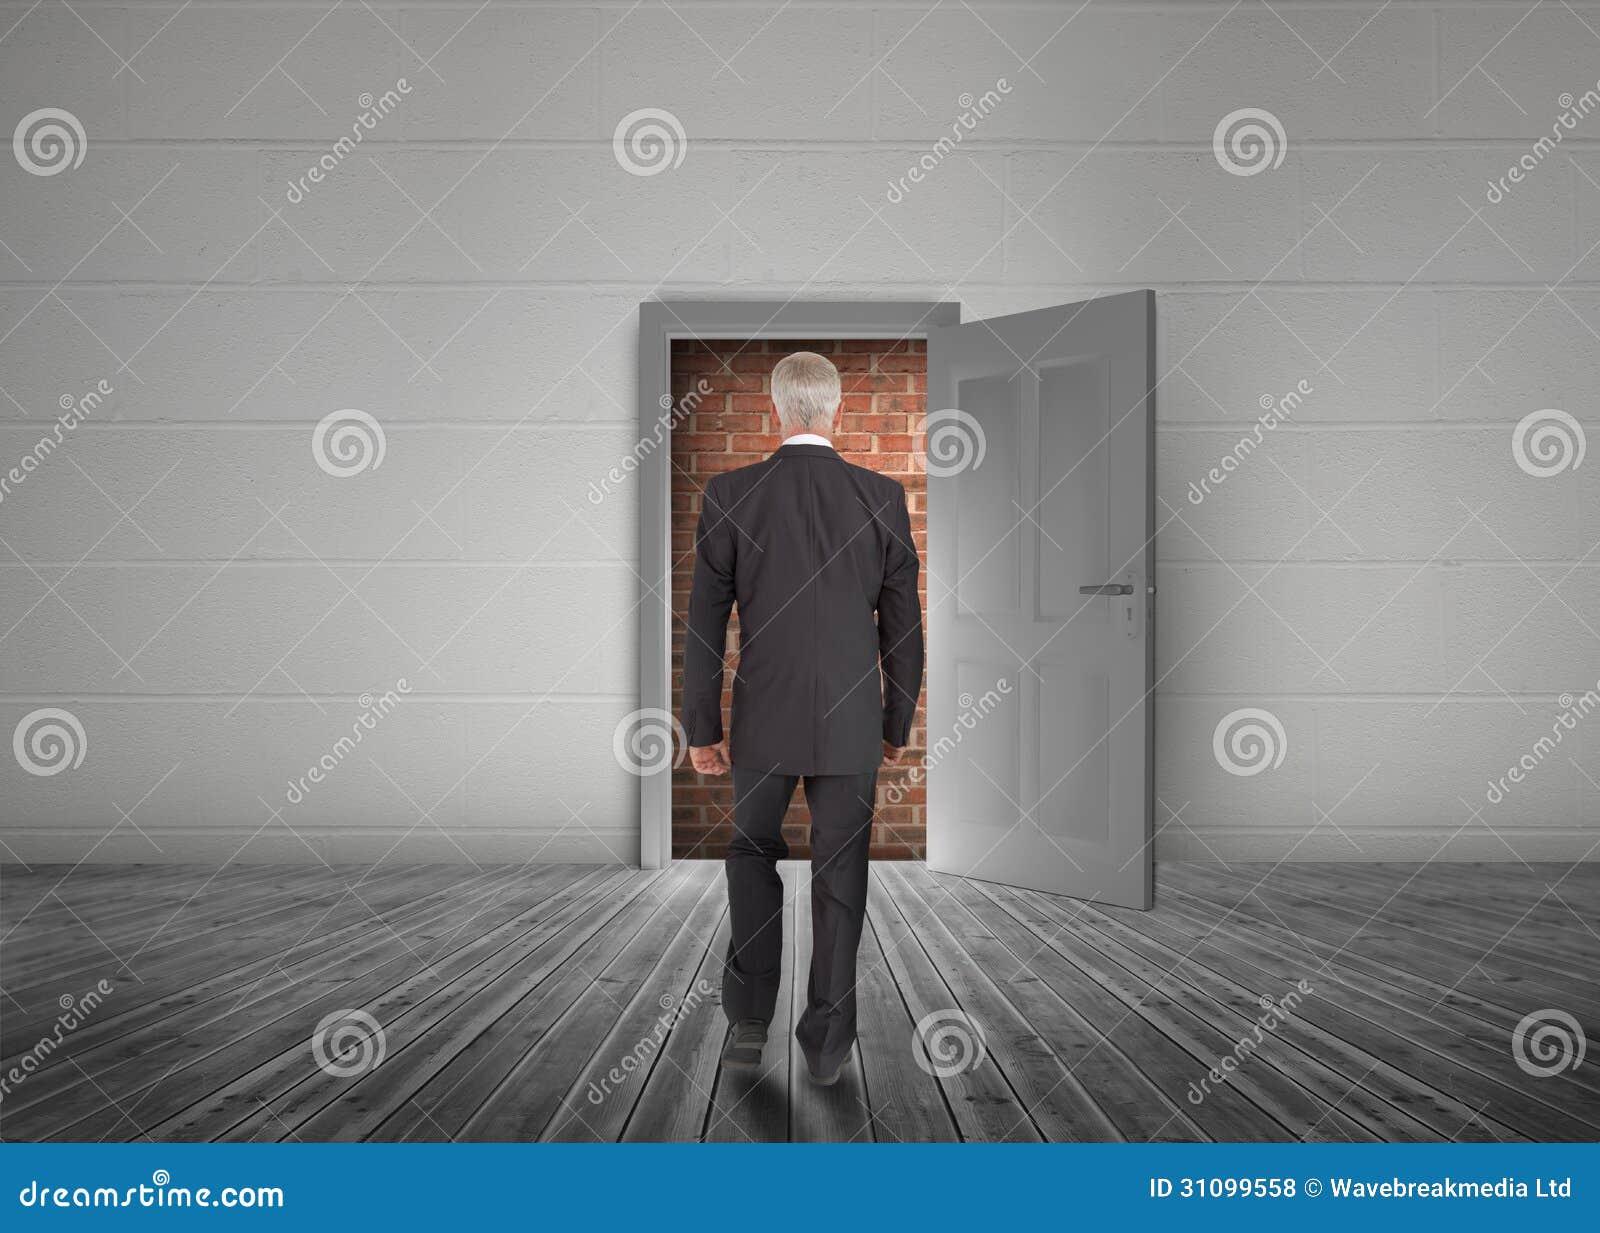 Businessman walking towards door open but blocked by red brick w